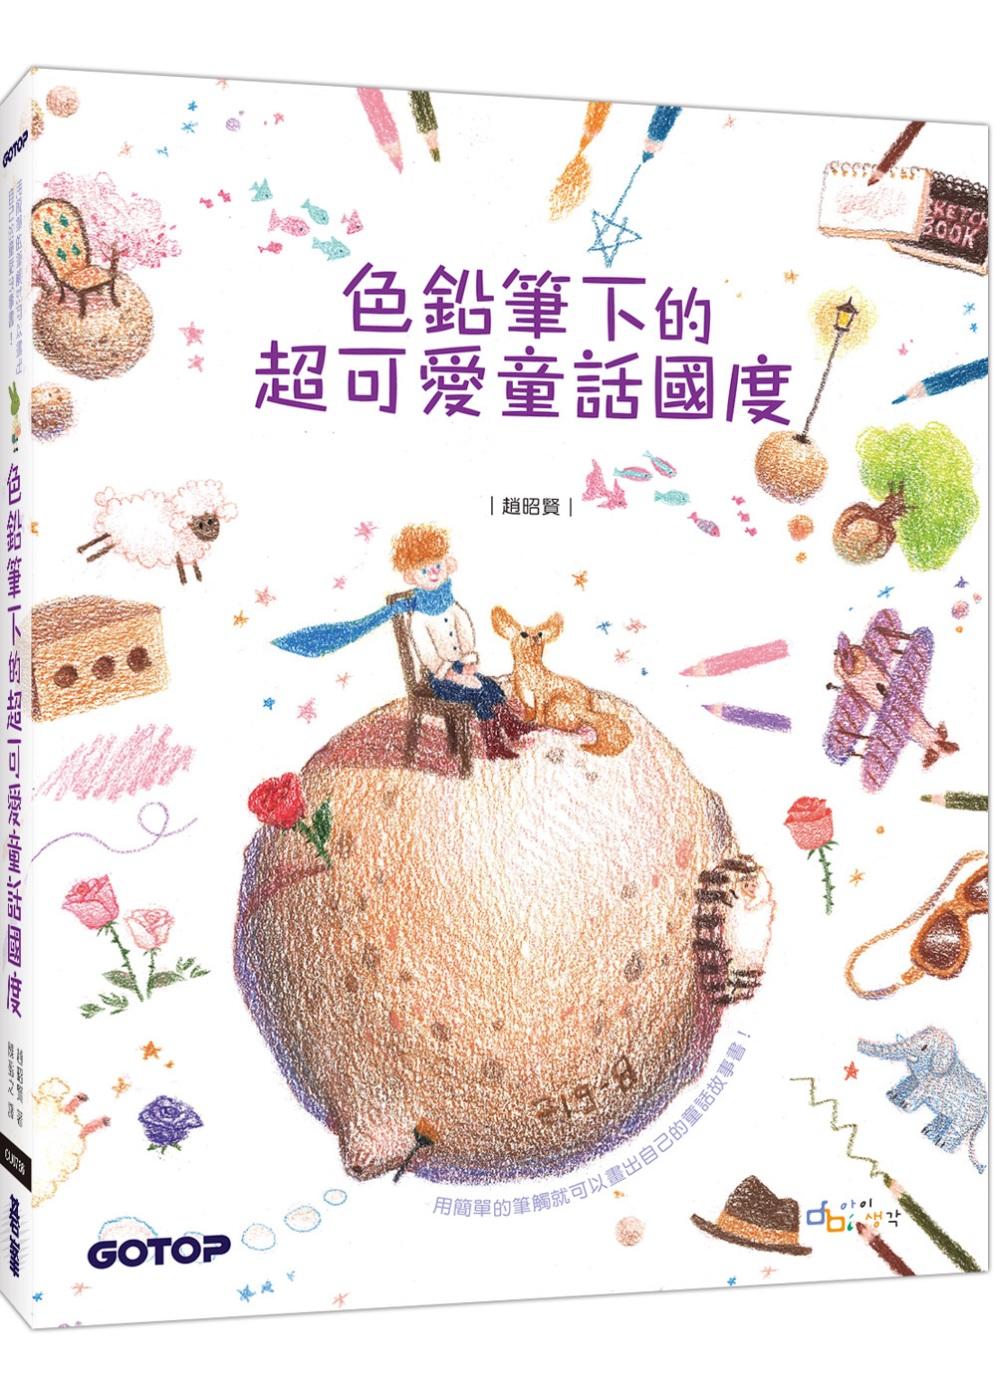 ◤博客來BOOKS◢ 暢銷書榜《推薦》色鉛筆下的超可愛童話國度(附童話作品珍藏線稿)